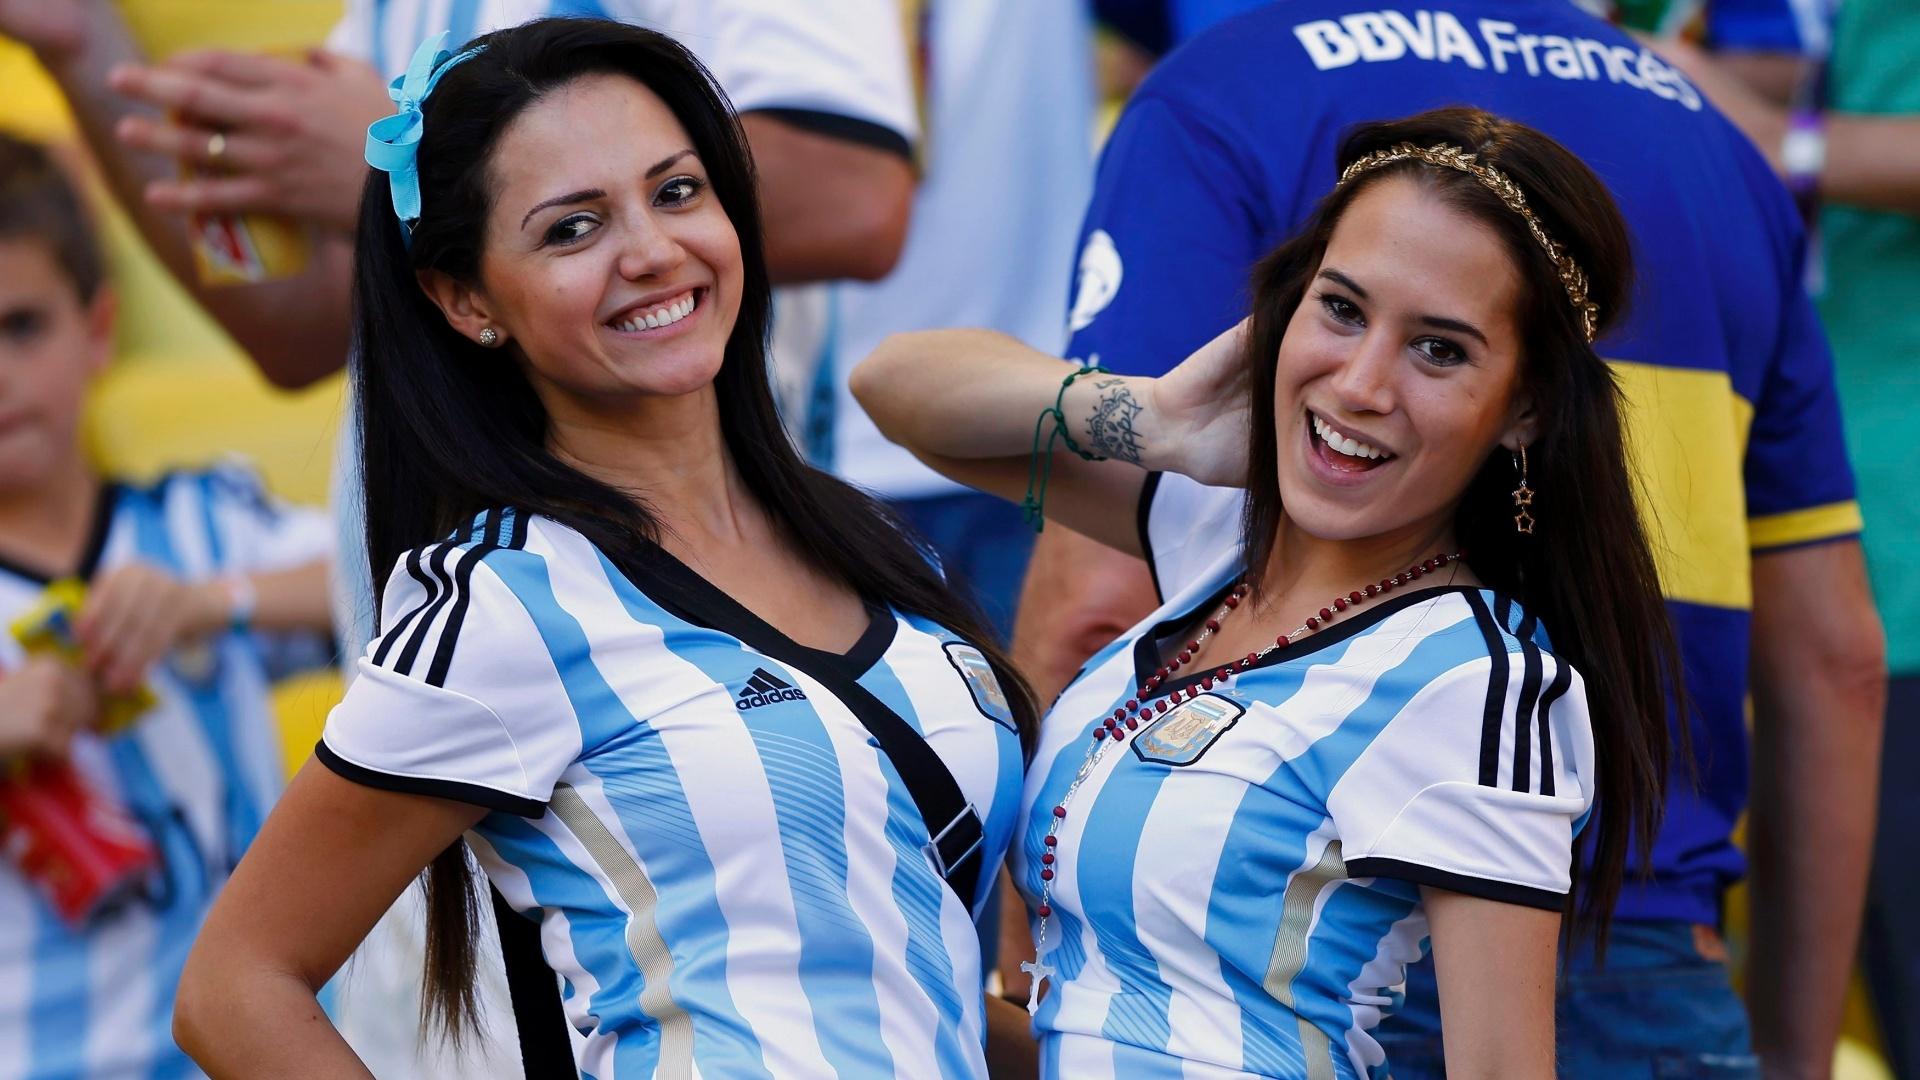 Dupla de torcedoras argentinas embelezam arquibancadas do Maracanã durante final da Copa do Mundo